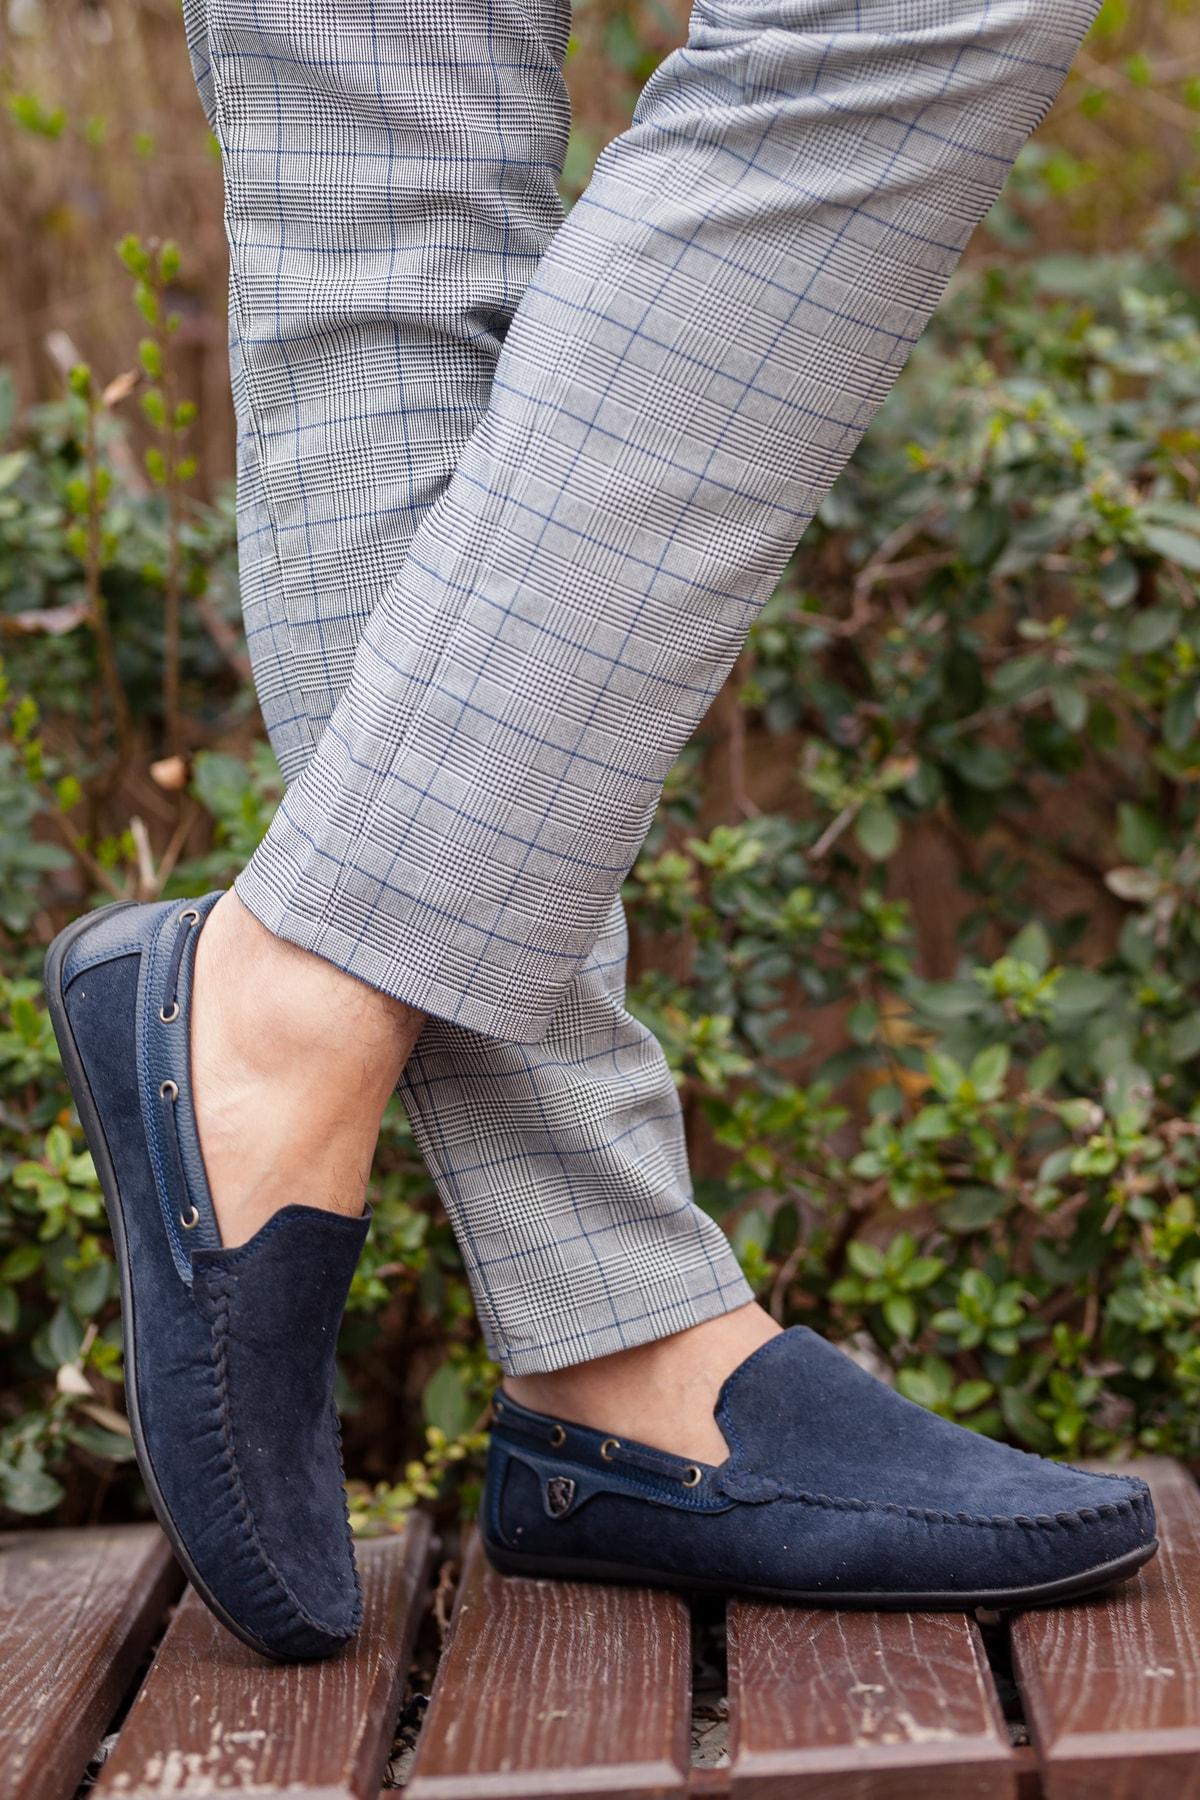 MUGGO Lacivert Süet Günlük Ayakkabı M3473 Hediye 2